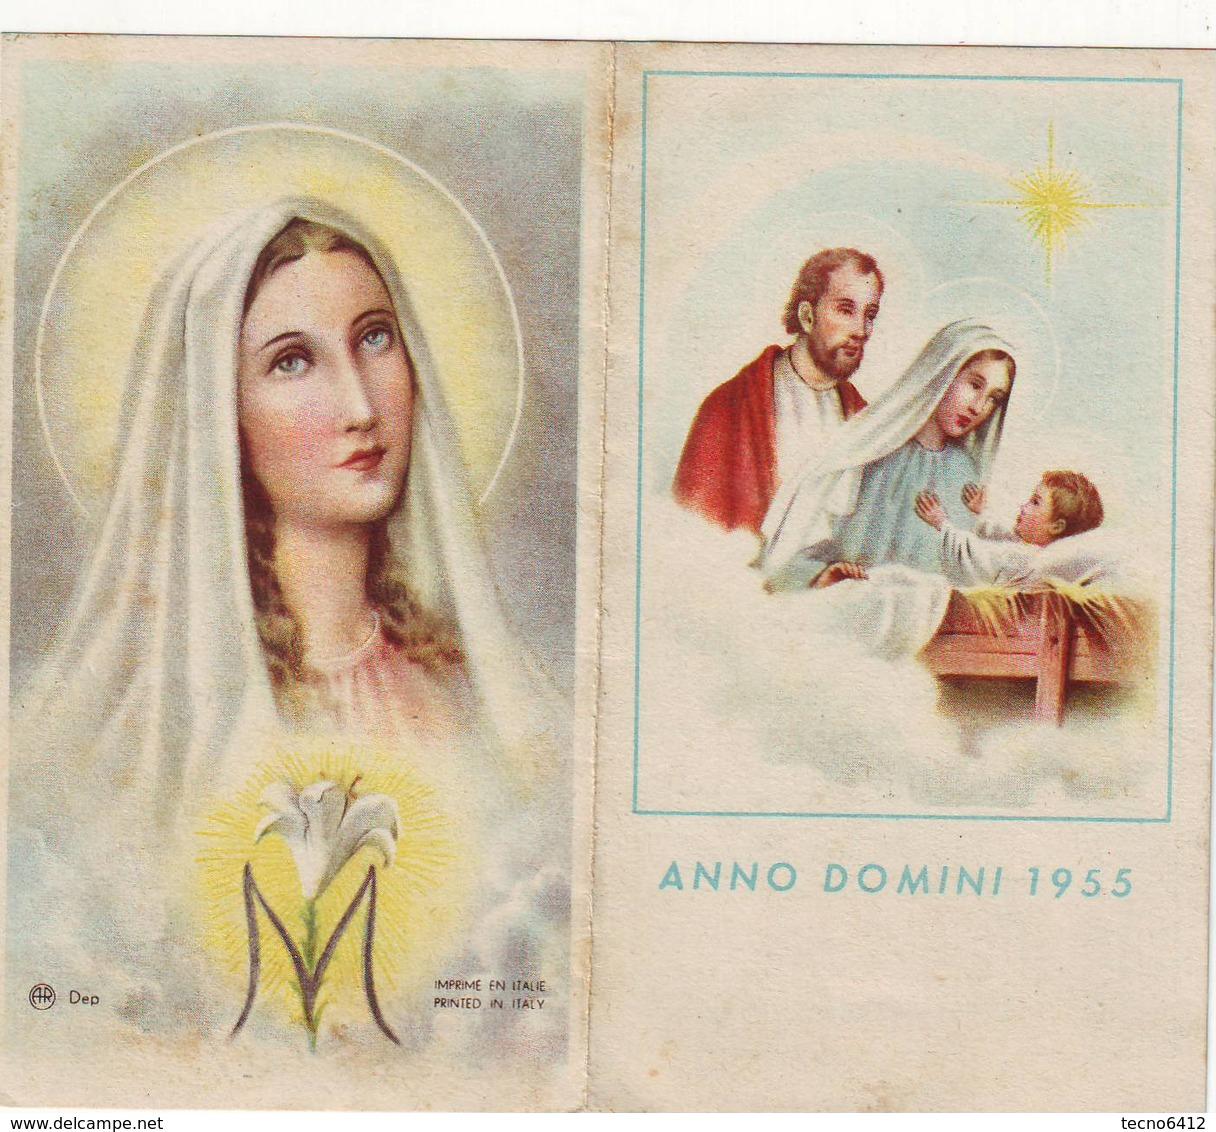 Calendarietto Tascabile Anno Domini 1955 - Calendriers